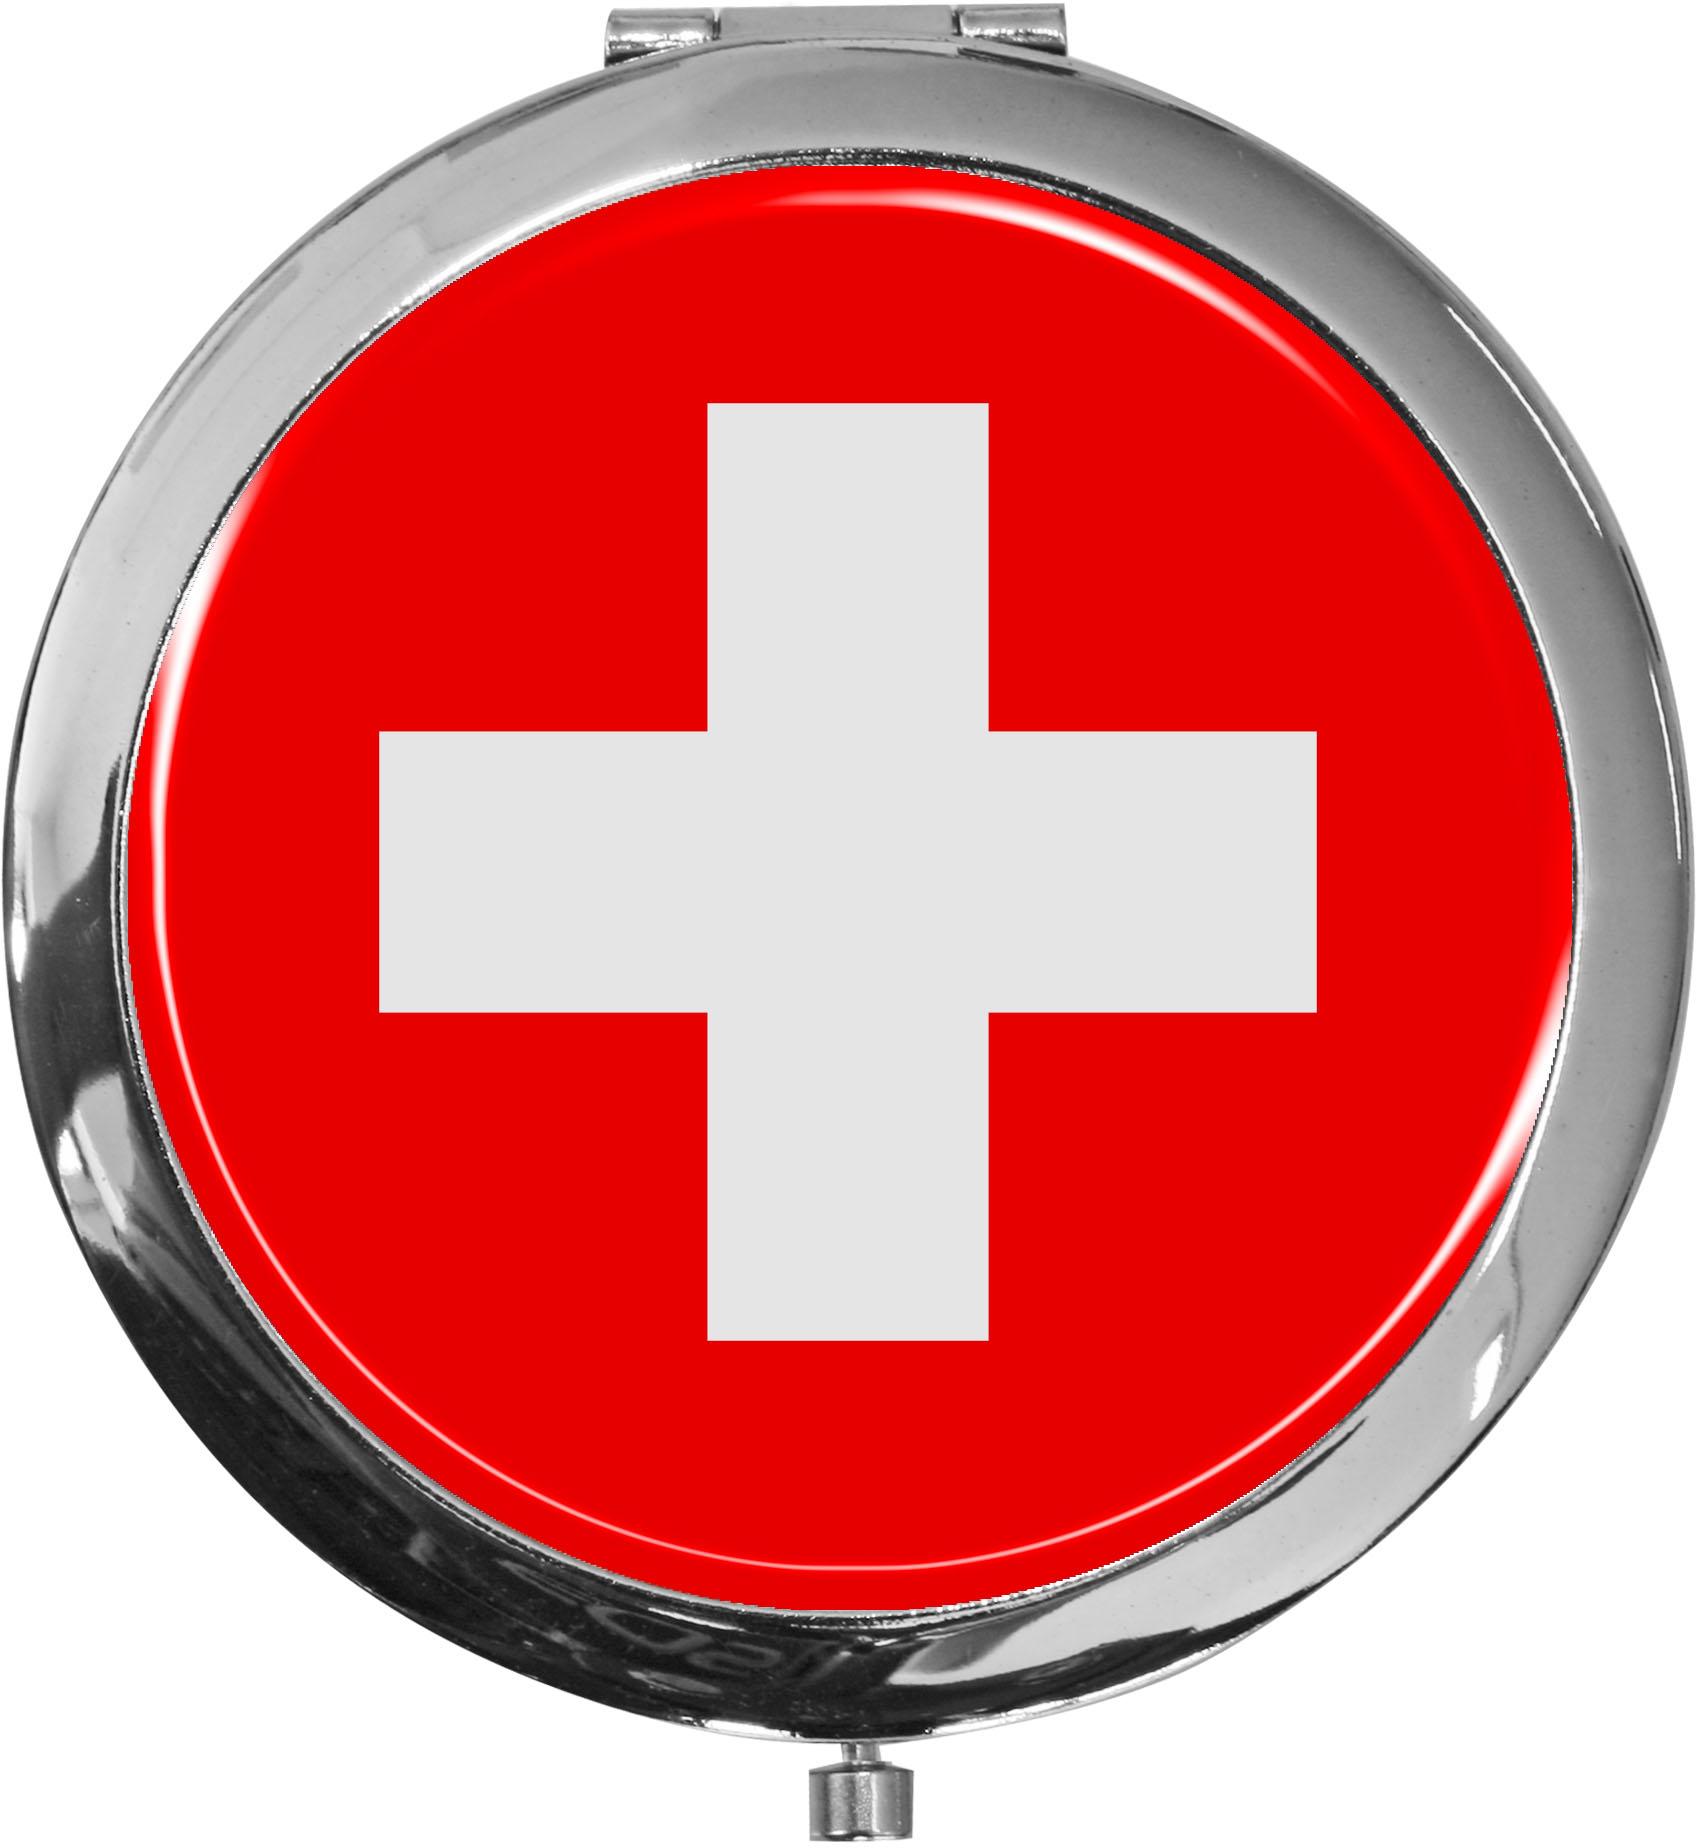 Taschenspiegel / Spiegel / Flagge Schweiz / 2 fache Vergrößerung